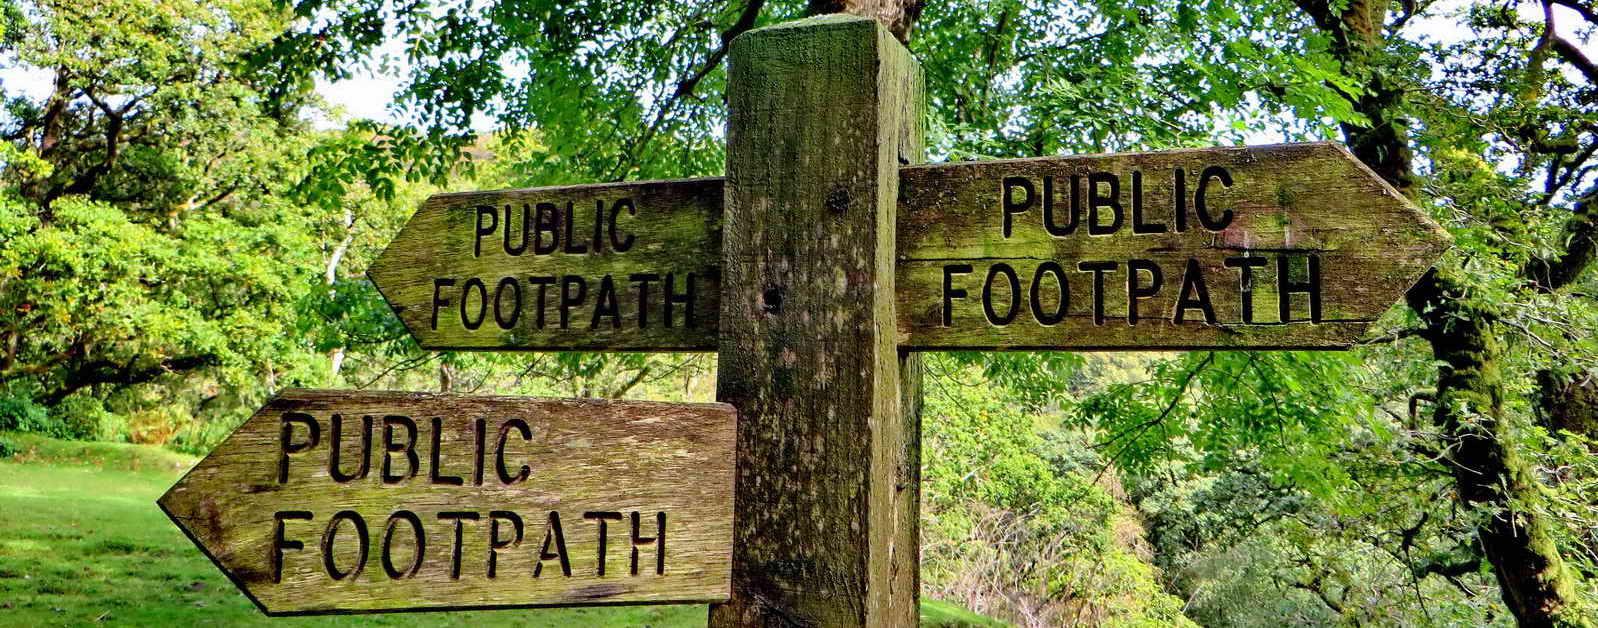 Public footpath signs